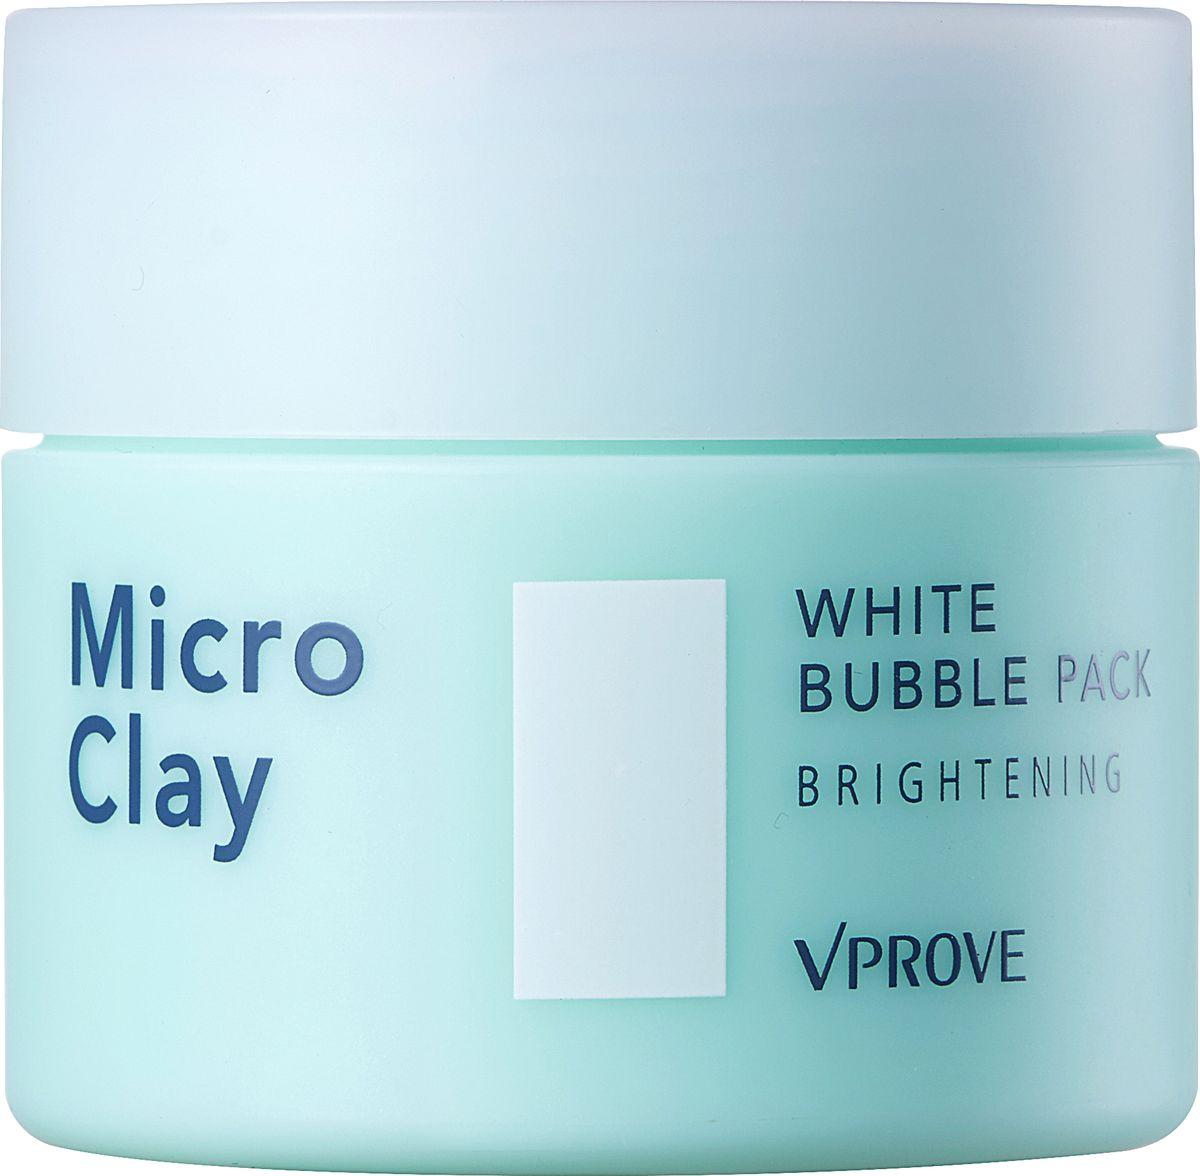 Vprove Пенная маска Микро Клэй с черной глиной, осветляющая, 70 млFS-00103Линия разработана с учетом потребностей жирной и комбинированной кожи. Очищающие средства помогут очистить, успокоить и избавить от надоедливого жирного блеска даже самую чувствительную кожу. Линия базируется на основе натуральных ингредиентов без добавления красителей. В состав средств входит микс из белой глины (эффективно абсорбирует себум и смягчает кожу), розовой глины (снимает воспаления и выводит токсины) и черной глины (питает и очищает глубокие загрязнения). Также в состав средств входит бамбуковая и розовая вода, увлажняющая кожу, а экстракт черных бобов питает кожу и заряжает ее антиоксидантами, продлевая молодость и упругость дермы. Маска отлично подойдет для очищения чувствительной кожи. Множество мелких пузырьков эффективно удаляют загрязнения и кожный себум с поверхности кожи, смягчают и делают ее более гладкой.